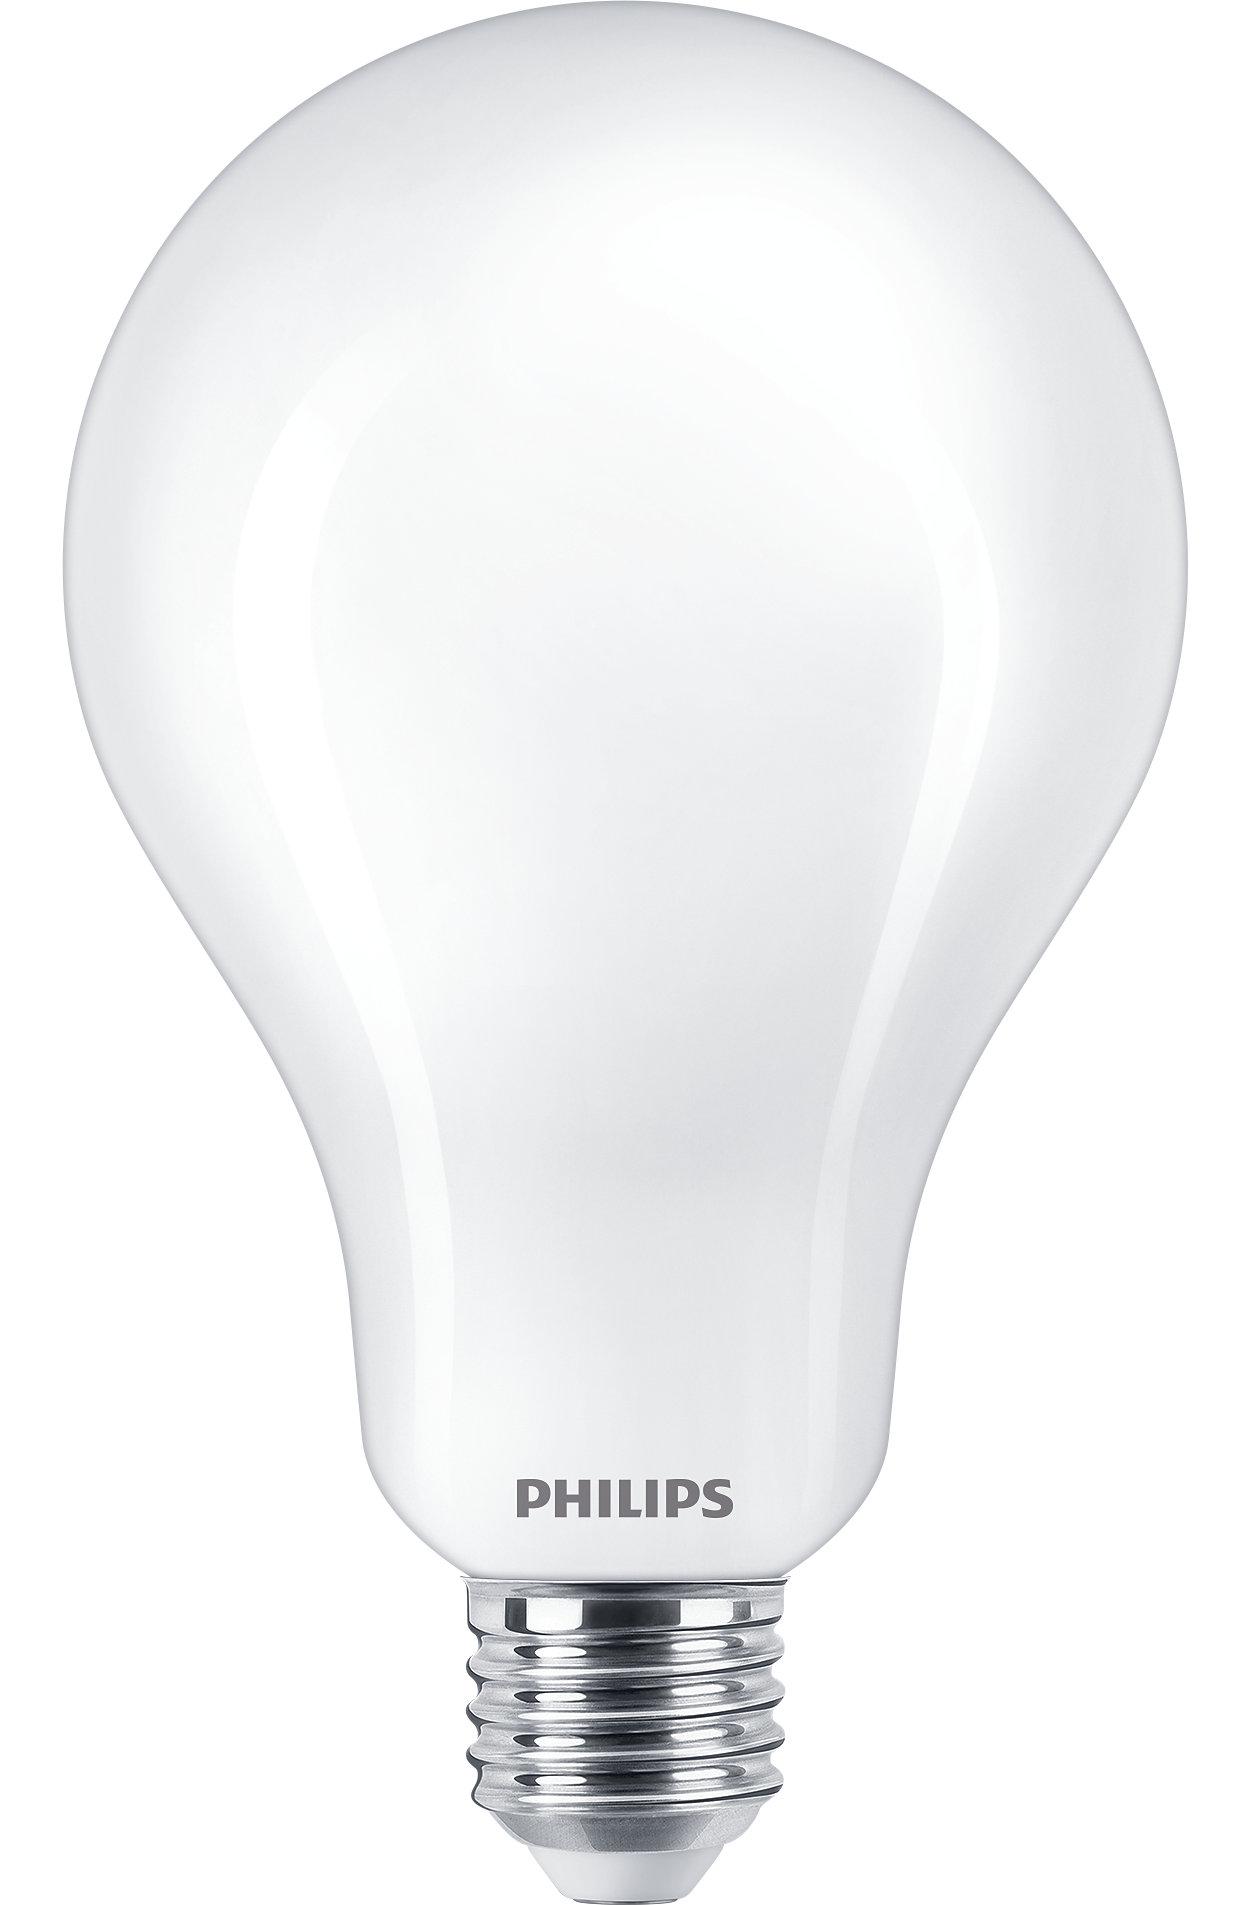 Klar LED belysning med fremragende lyskvalitet